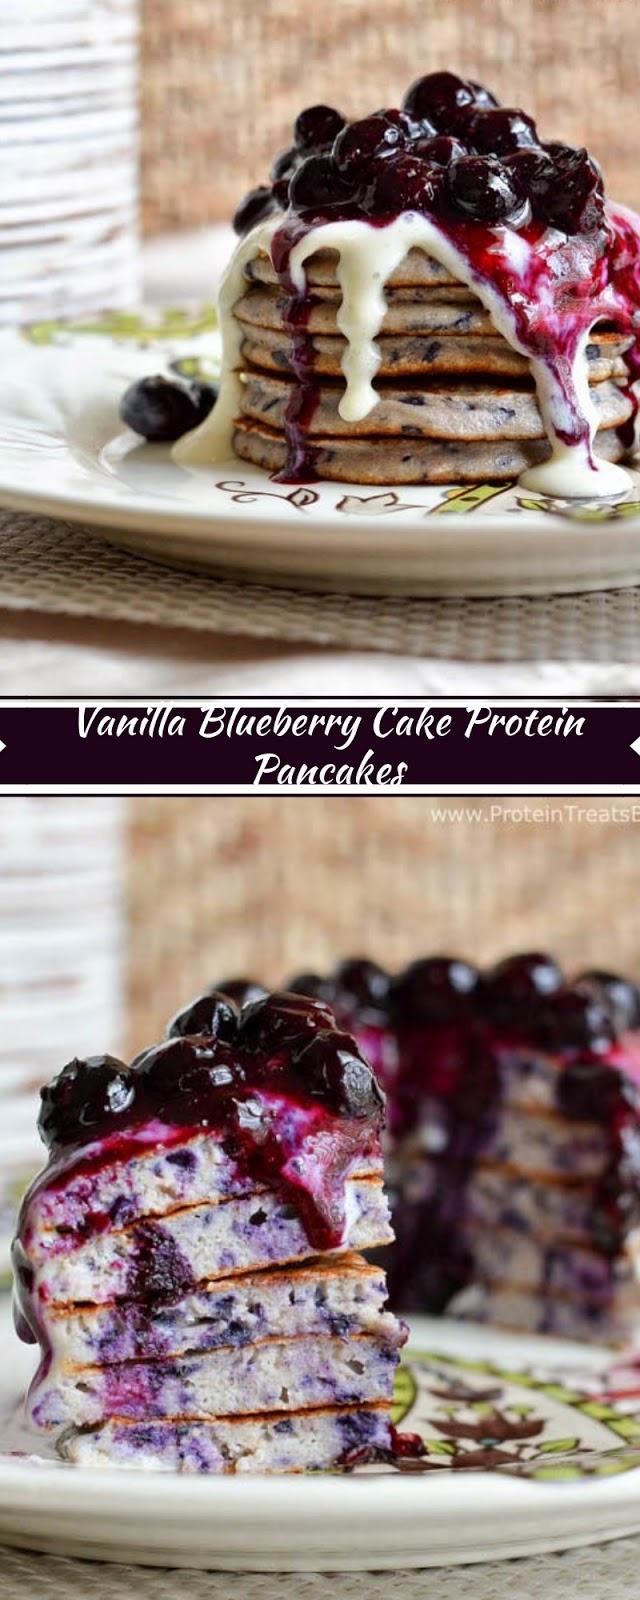 Vanilla Blueberry Cake Protein Pancakes